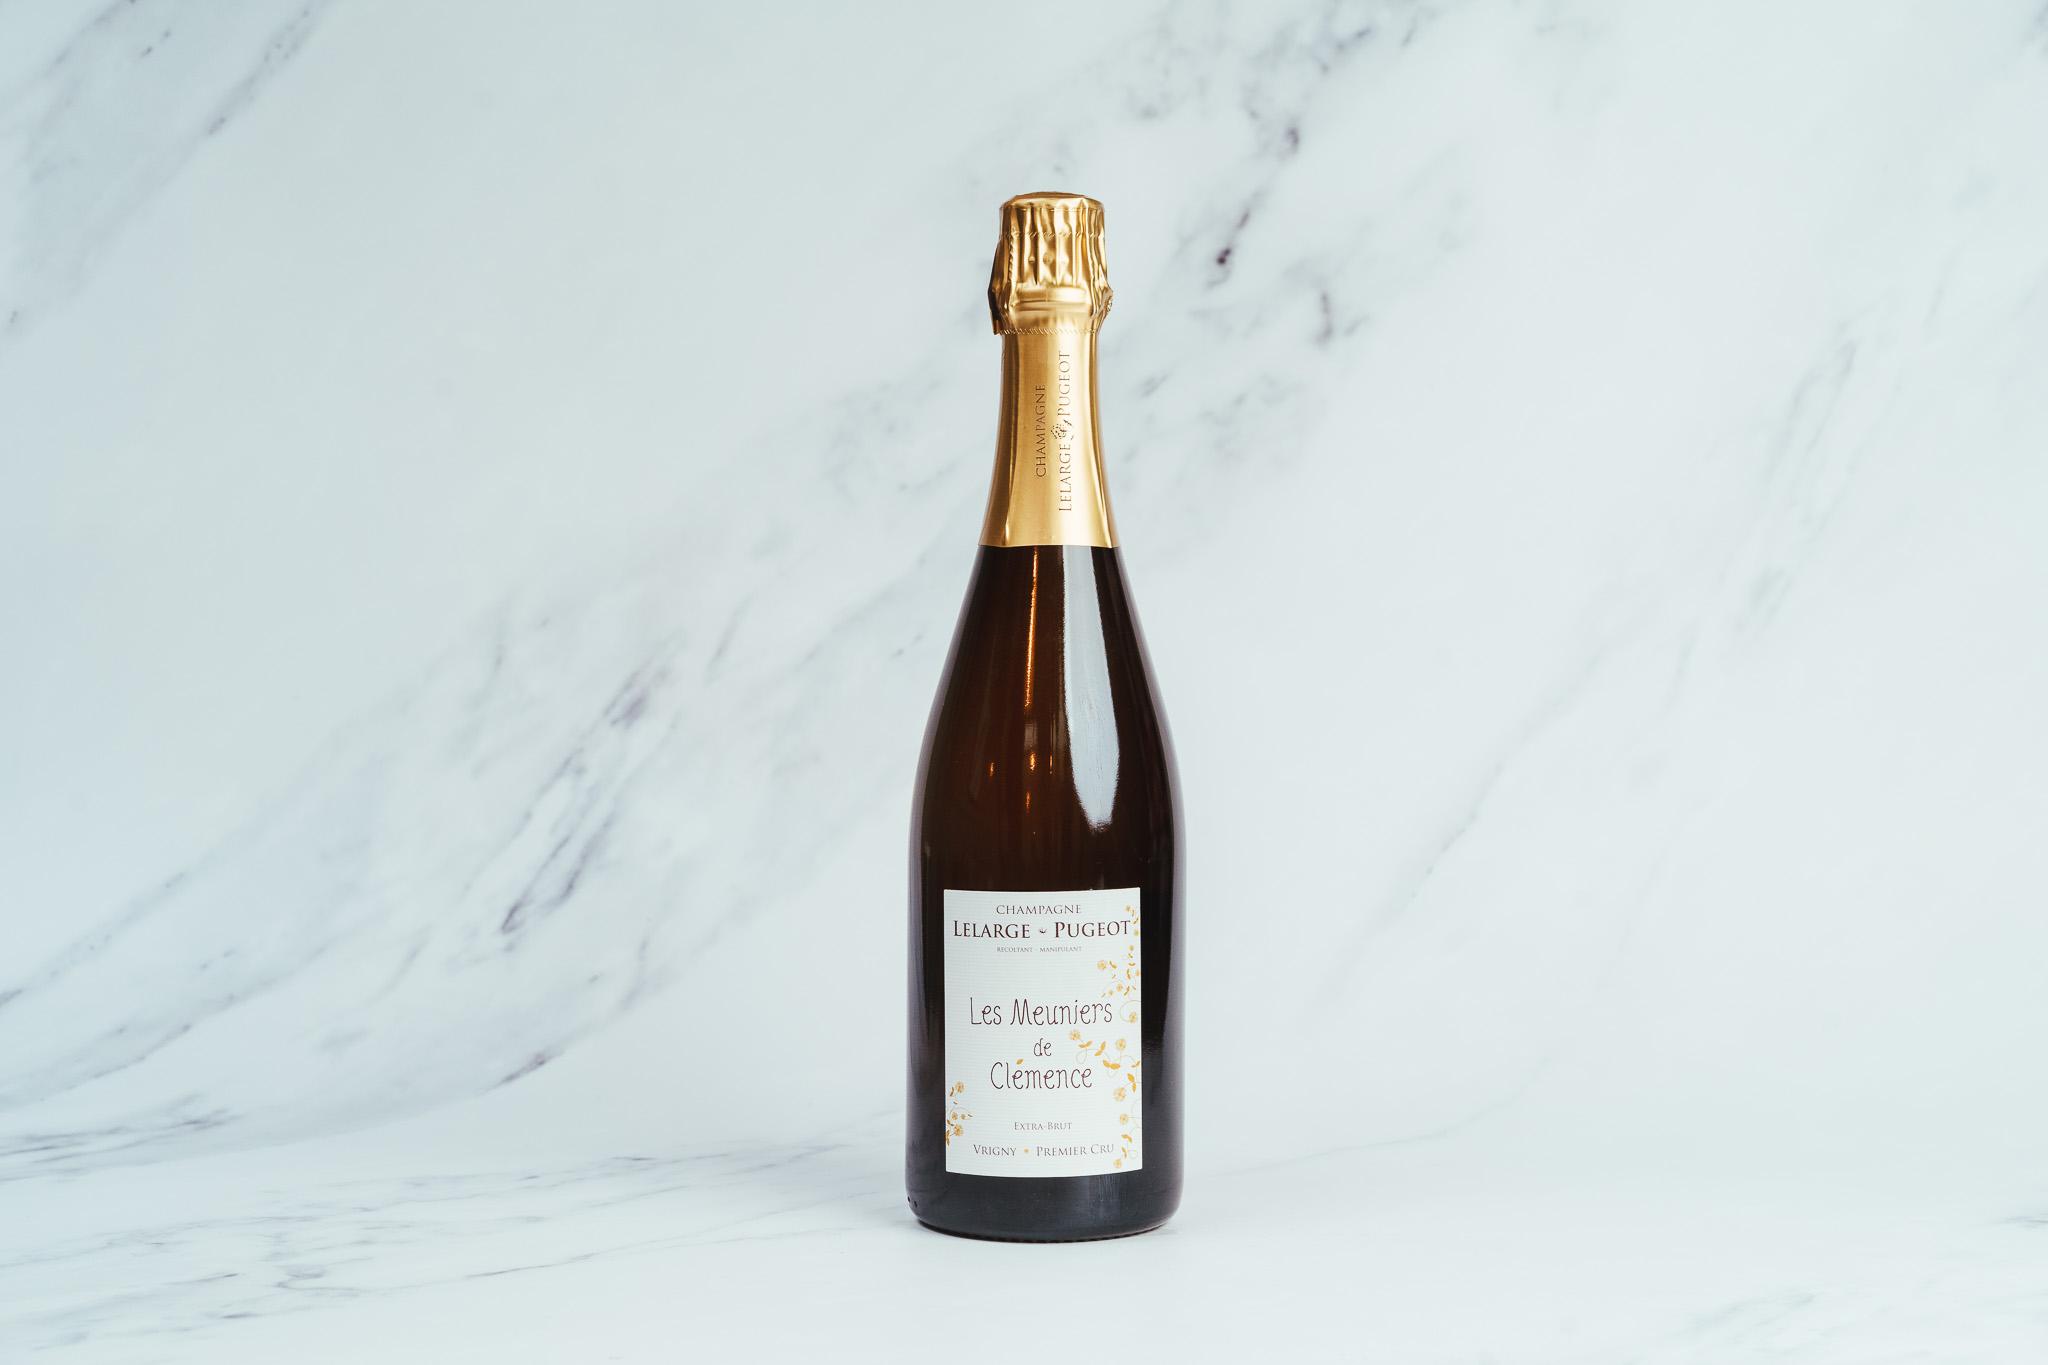 Champagne Lelarge-Pugeot Les Meuniers de Clemence